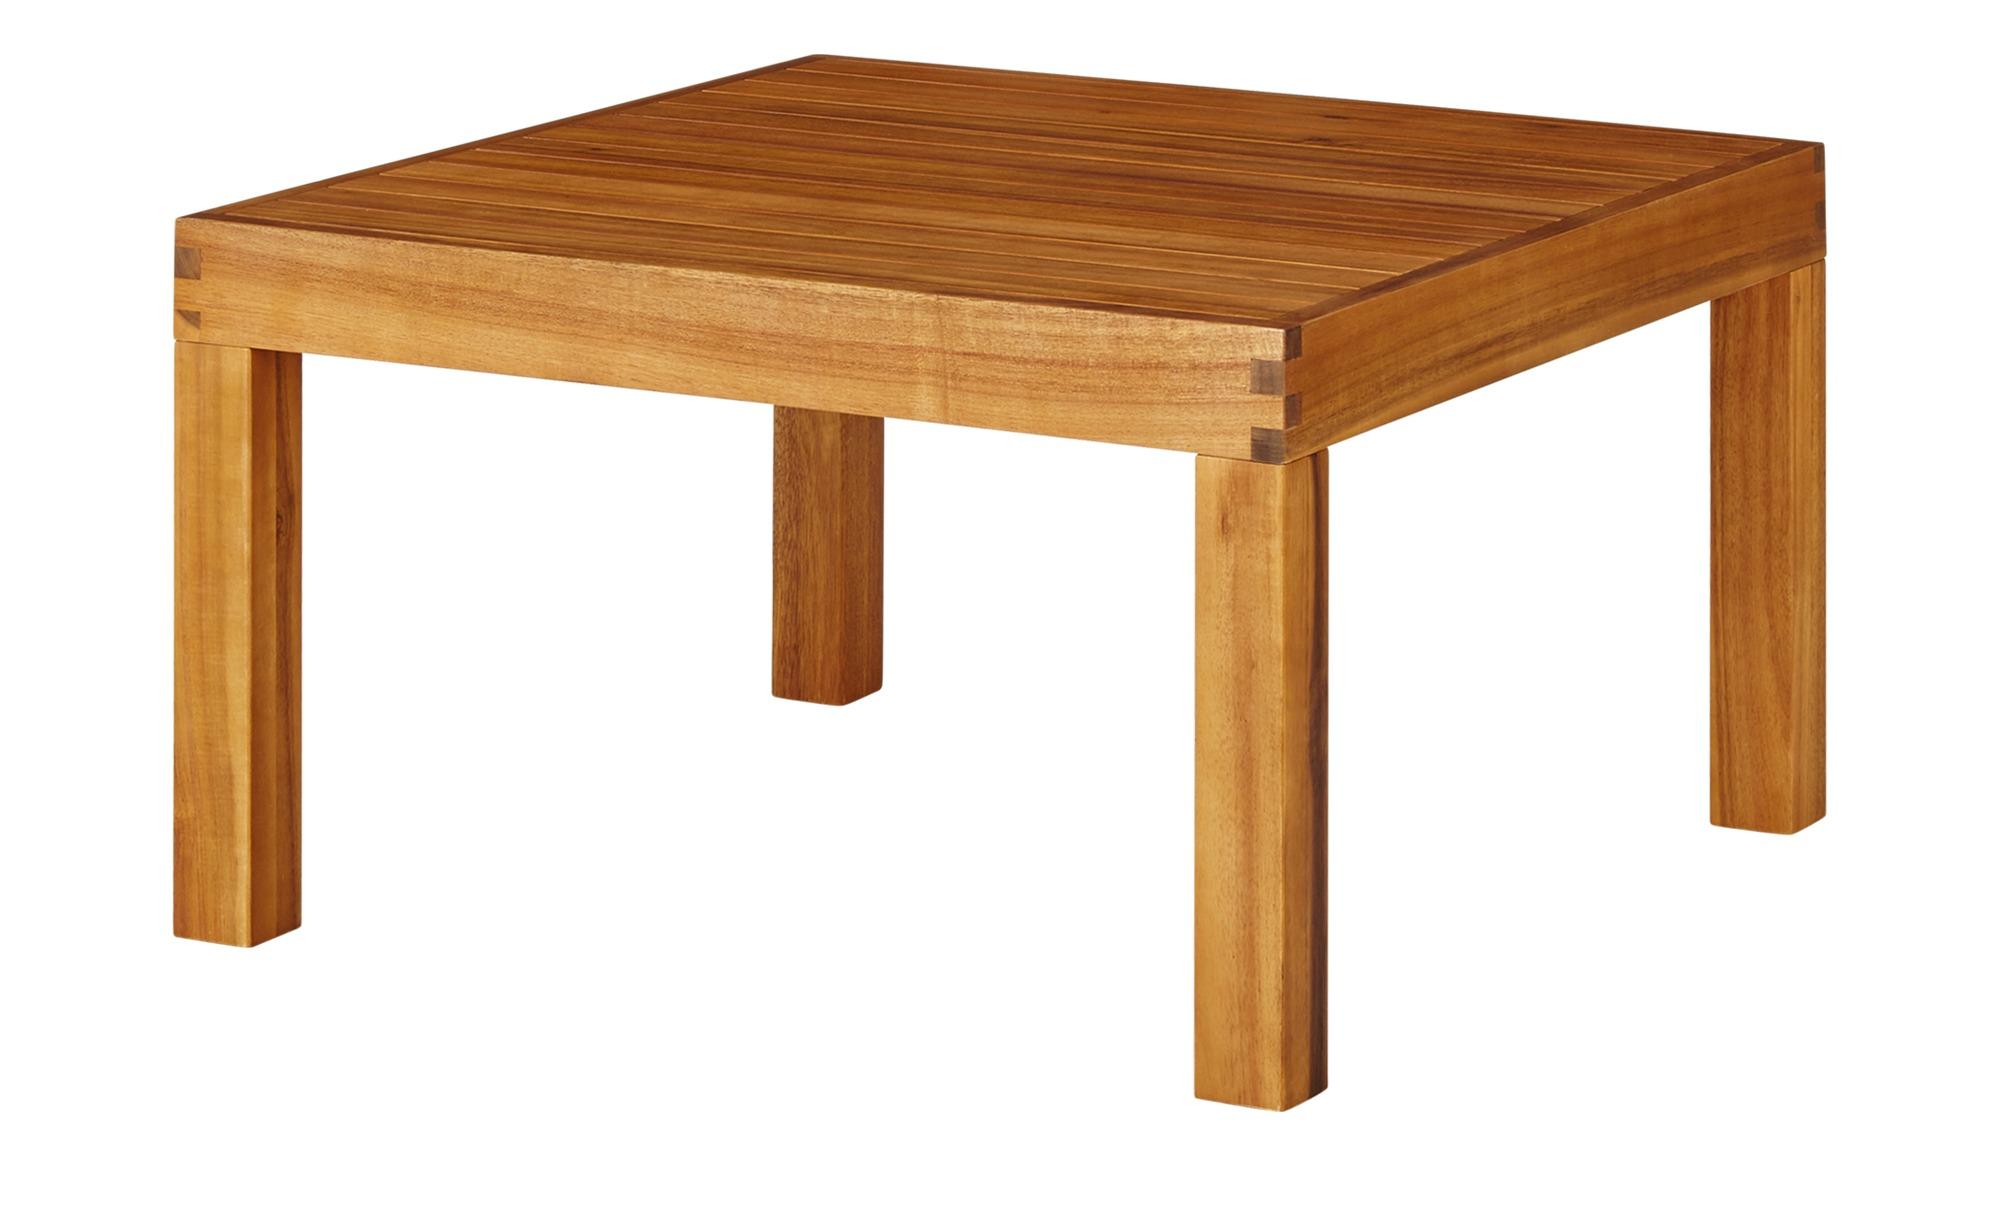 Yorkshire Gartentisch  Cape ¦ holzfarben ¦ Akazie ¦ Maße (cm): B: 77 H: 51 T: 77 Garten > Gartenmöbel nach Materialien > Holz-Gartenmöbel - Höffner